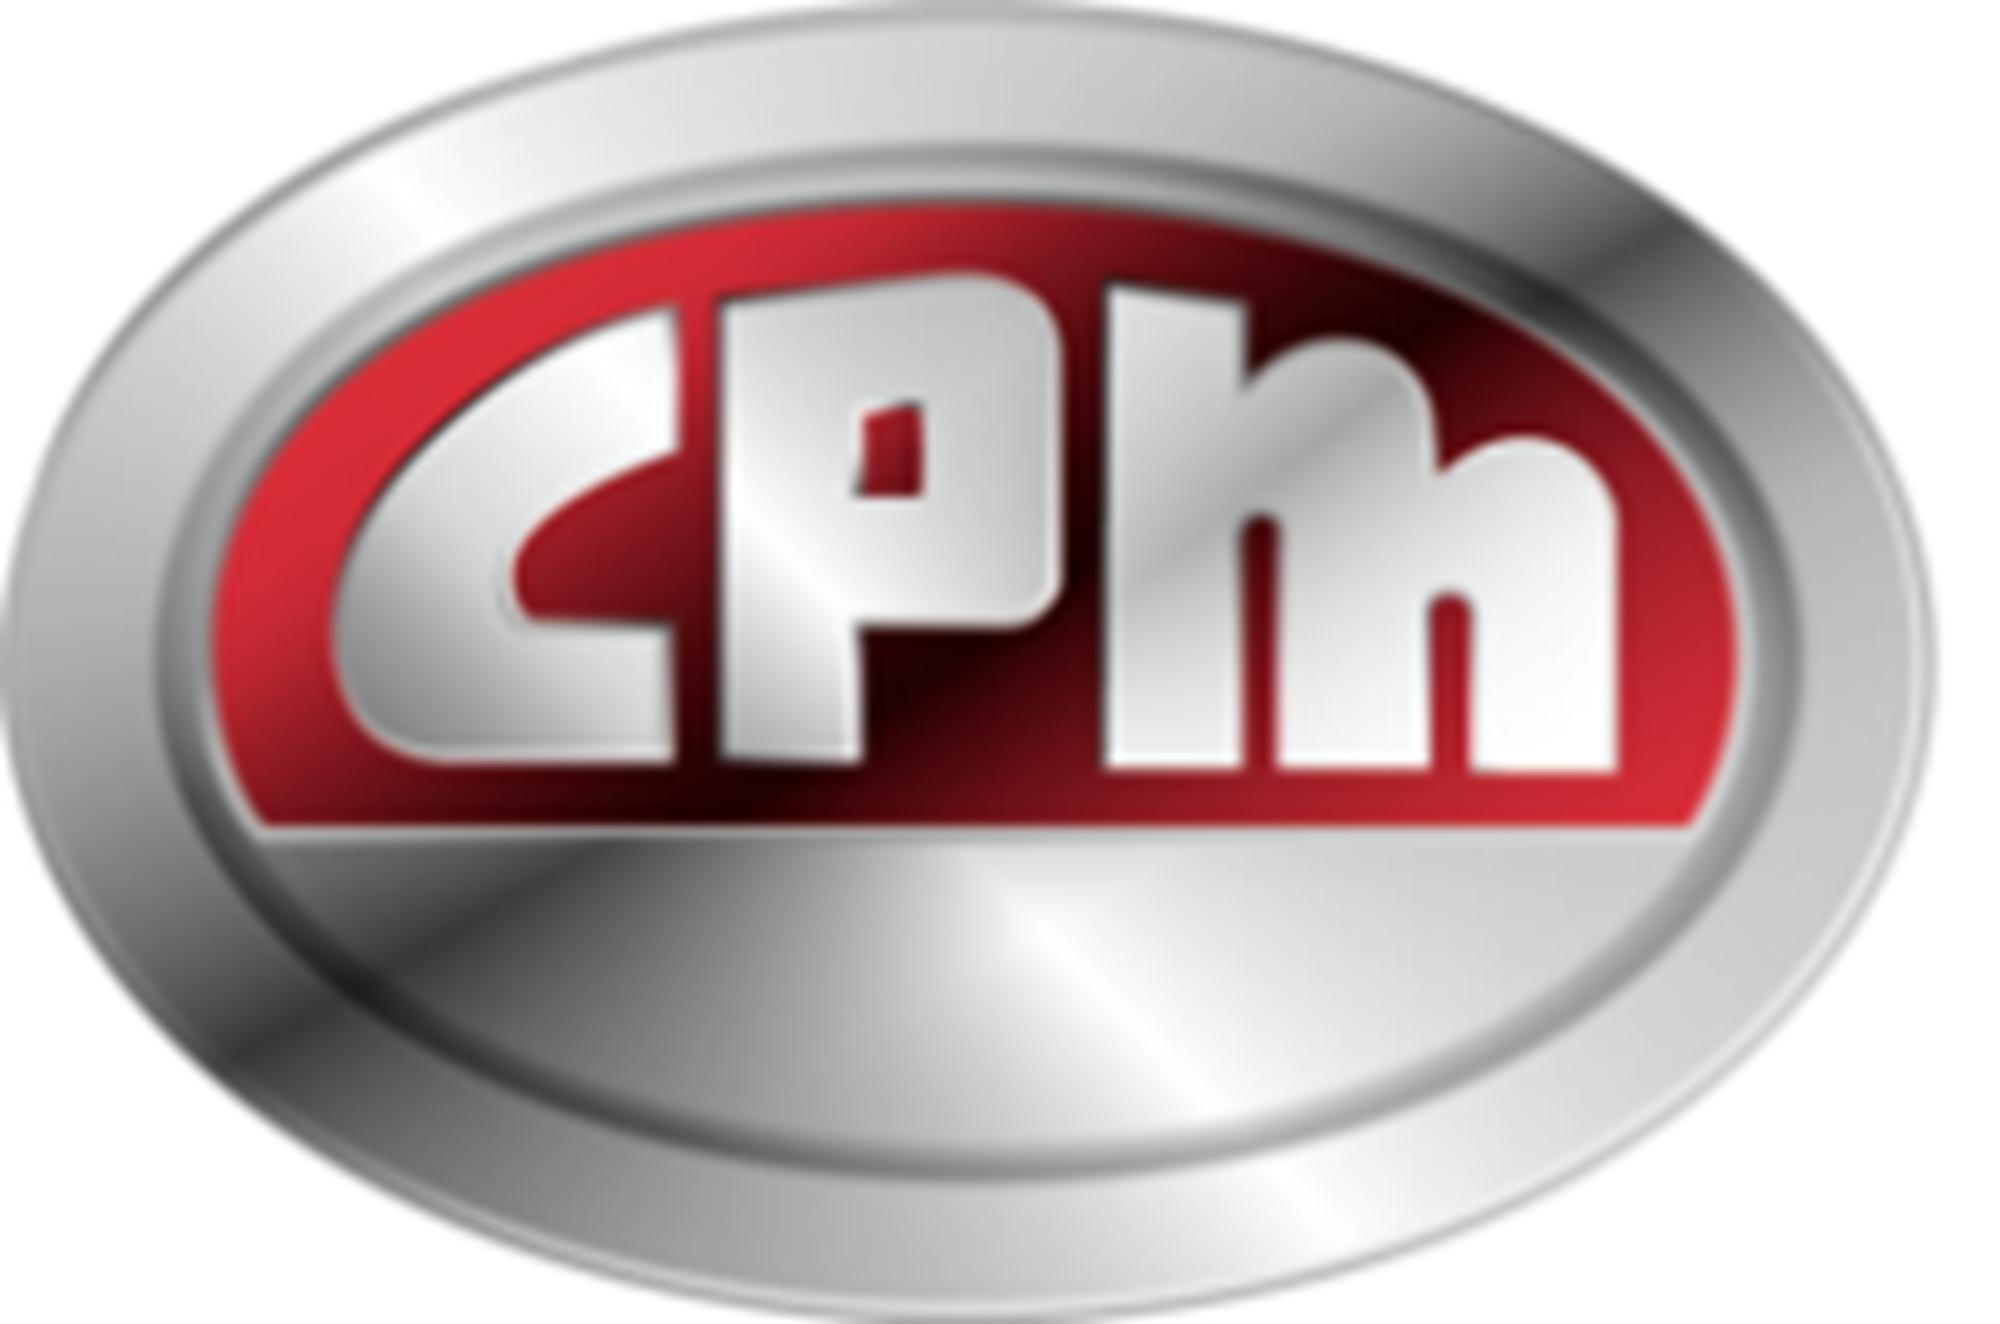 CPM agrega nova área de negócios no Brasil,  passando a fornecer tecnologias Beta Raven, CPM agrega nova área de negócios no Brasil,  passando a fornecer tecnologias Beta Raven